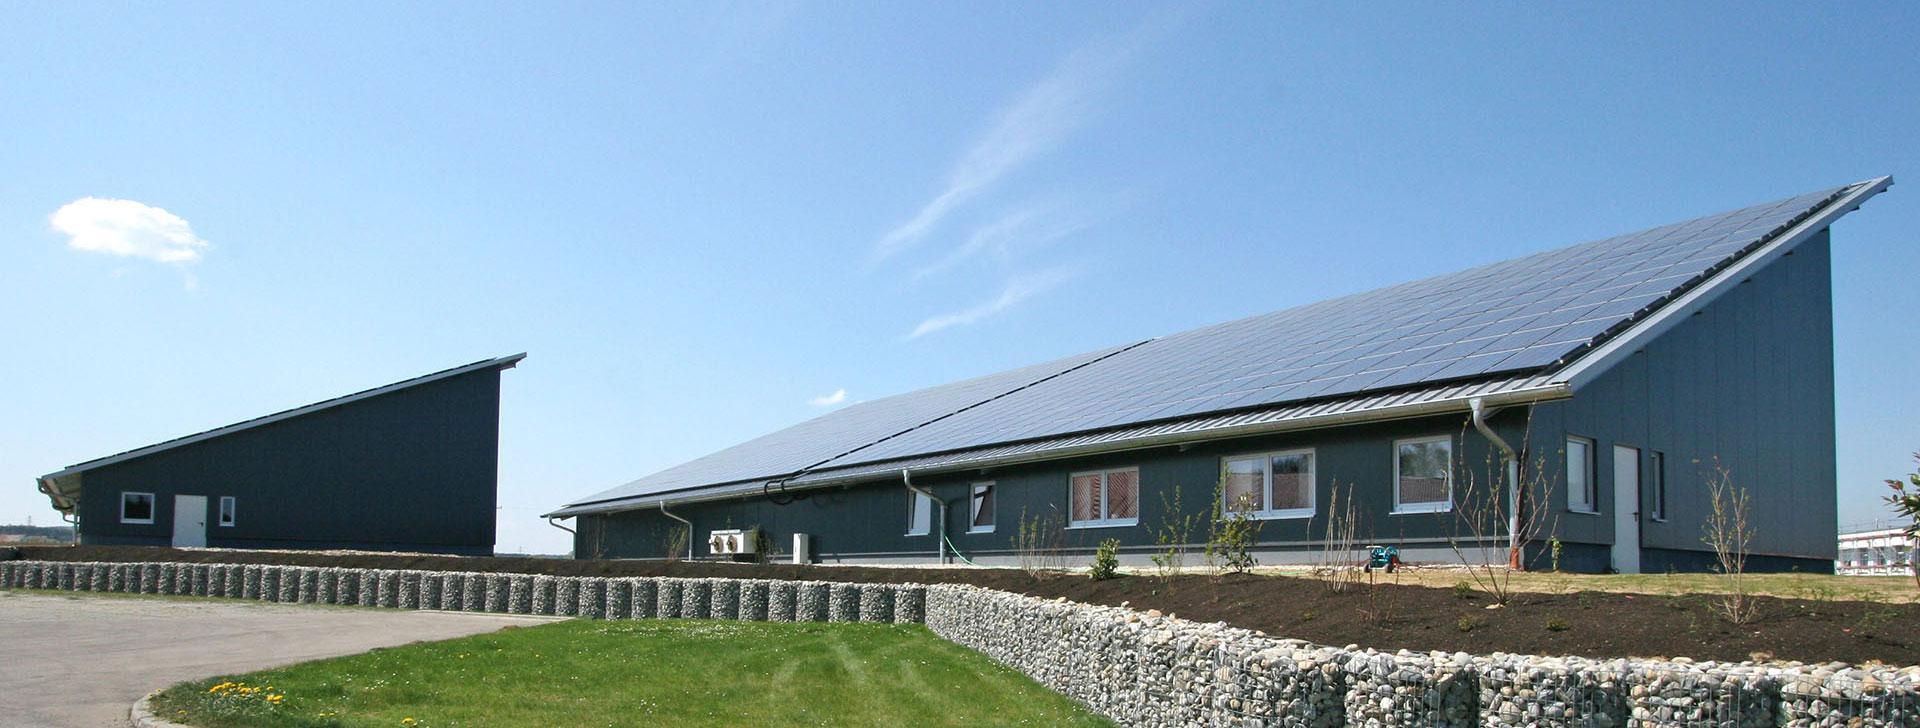 Pultdachhalle mit PV-Anlage